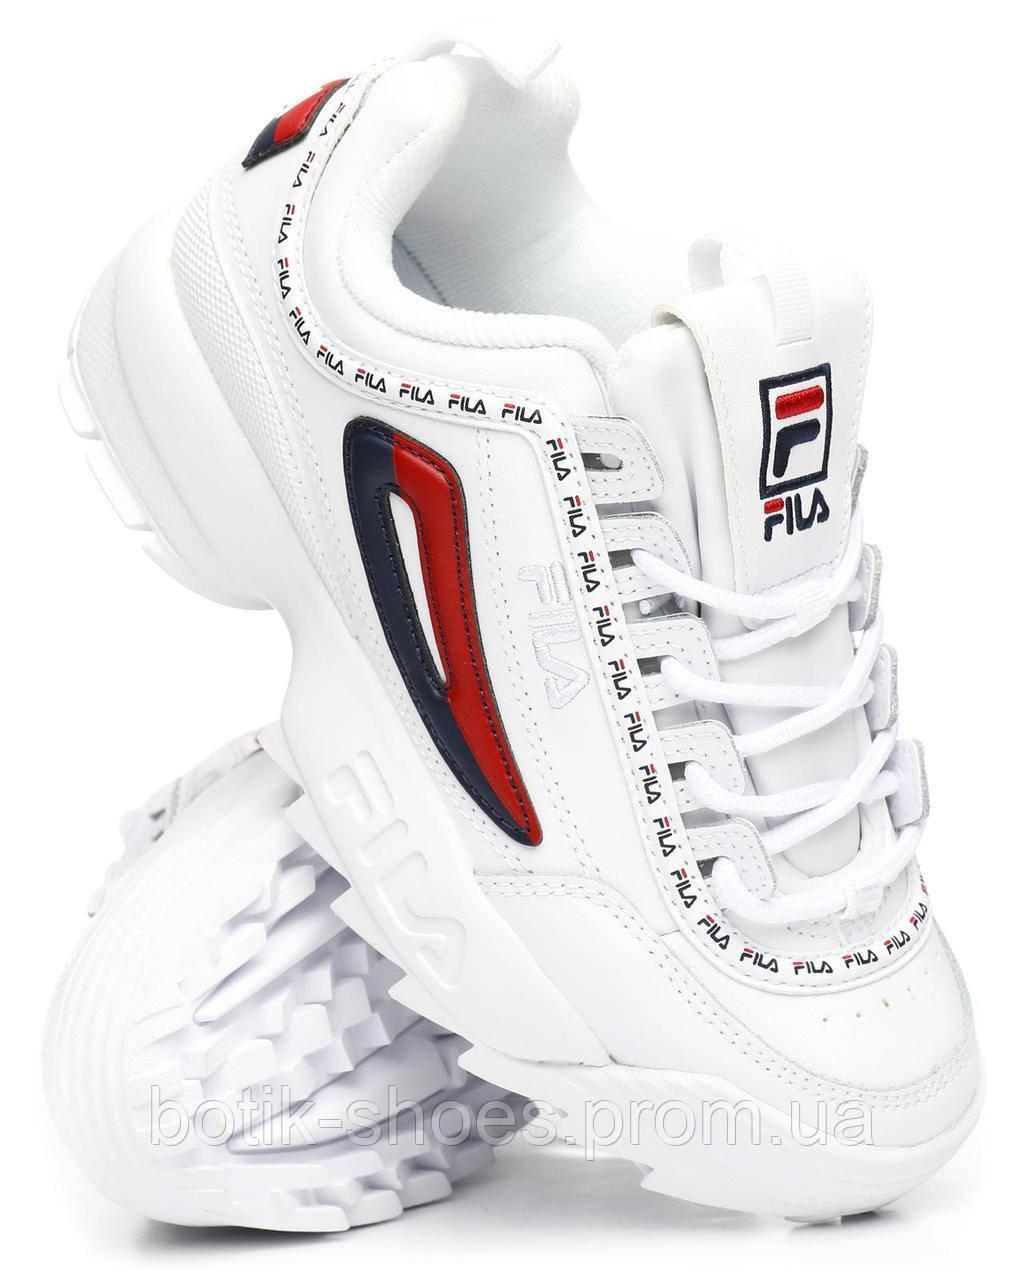 8c24173e Белые модные женские кроссовки кожаные Fila Disruptor 2 AD реплика 38 размер